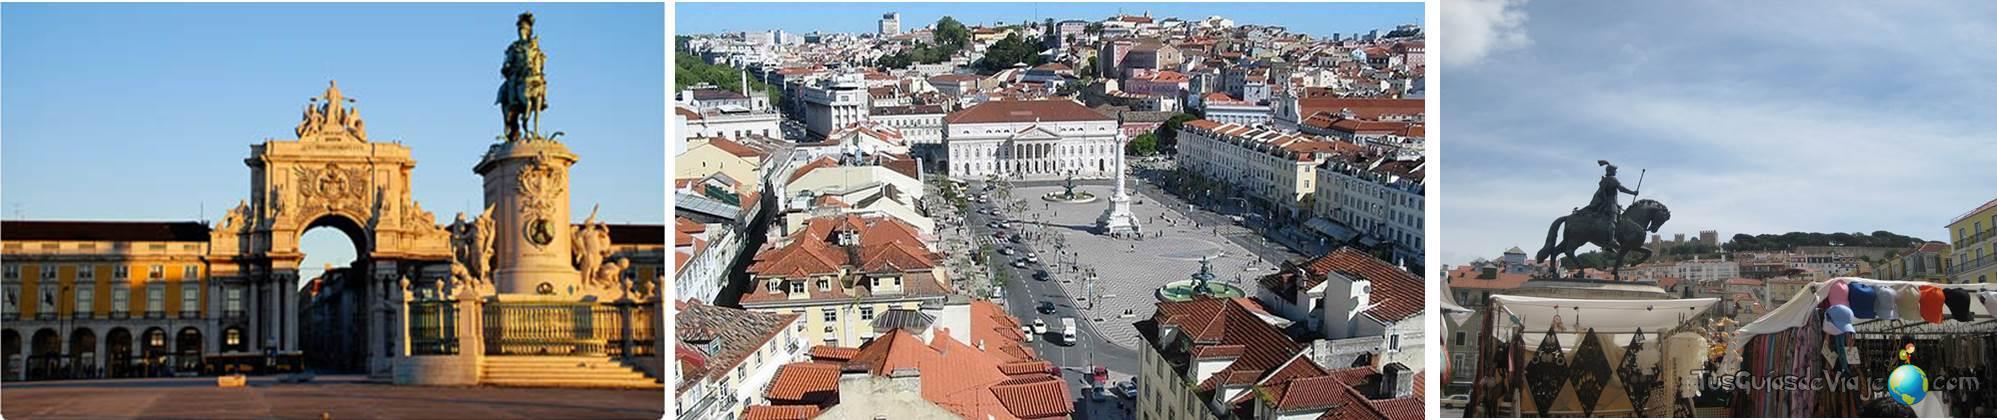 qué ver en lisboa: Plaza do Comercio y la plaza do Rossio